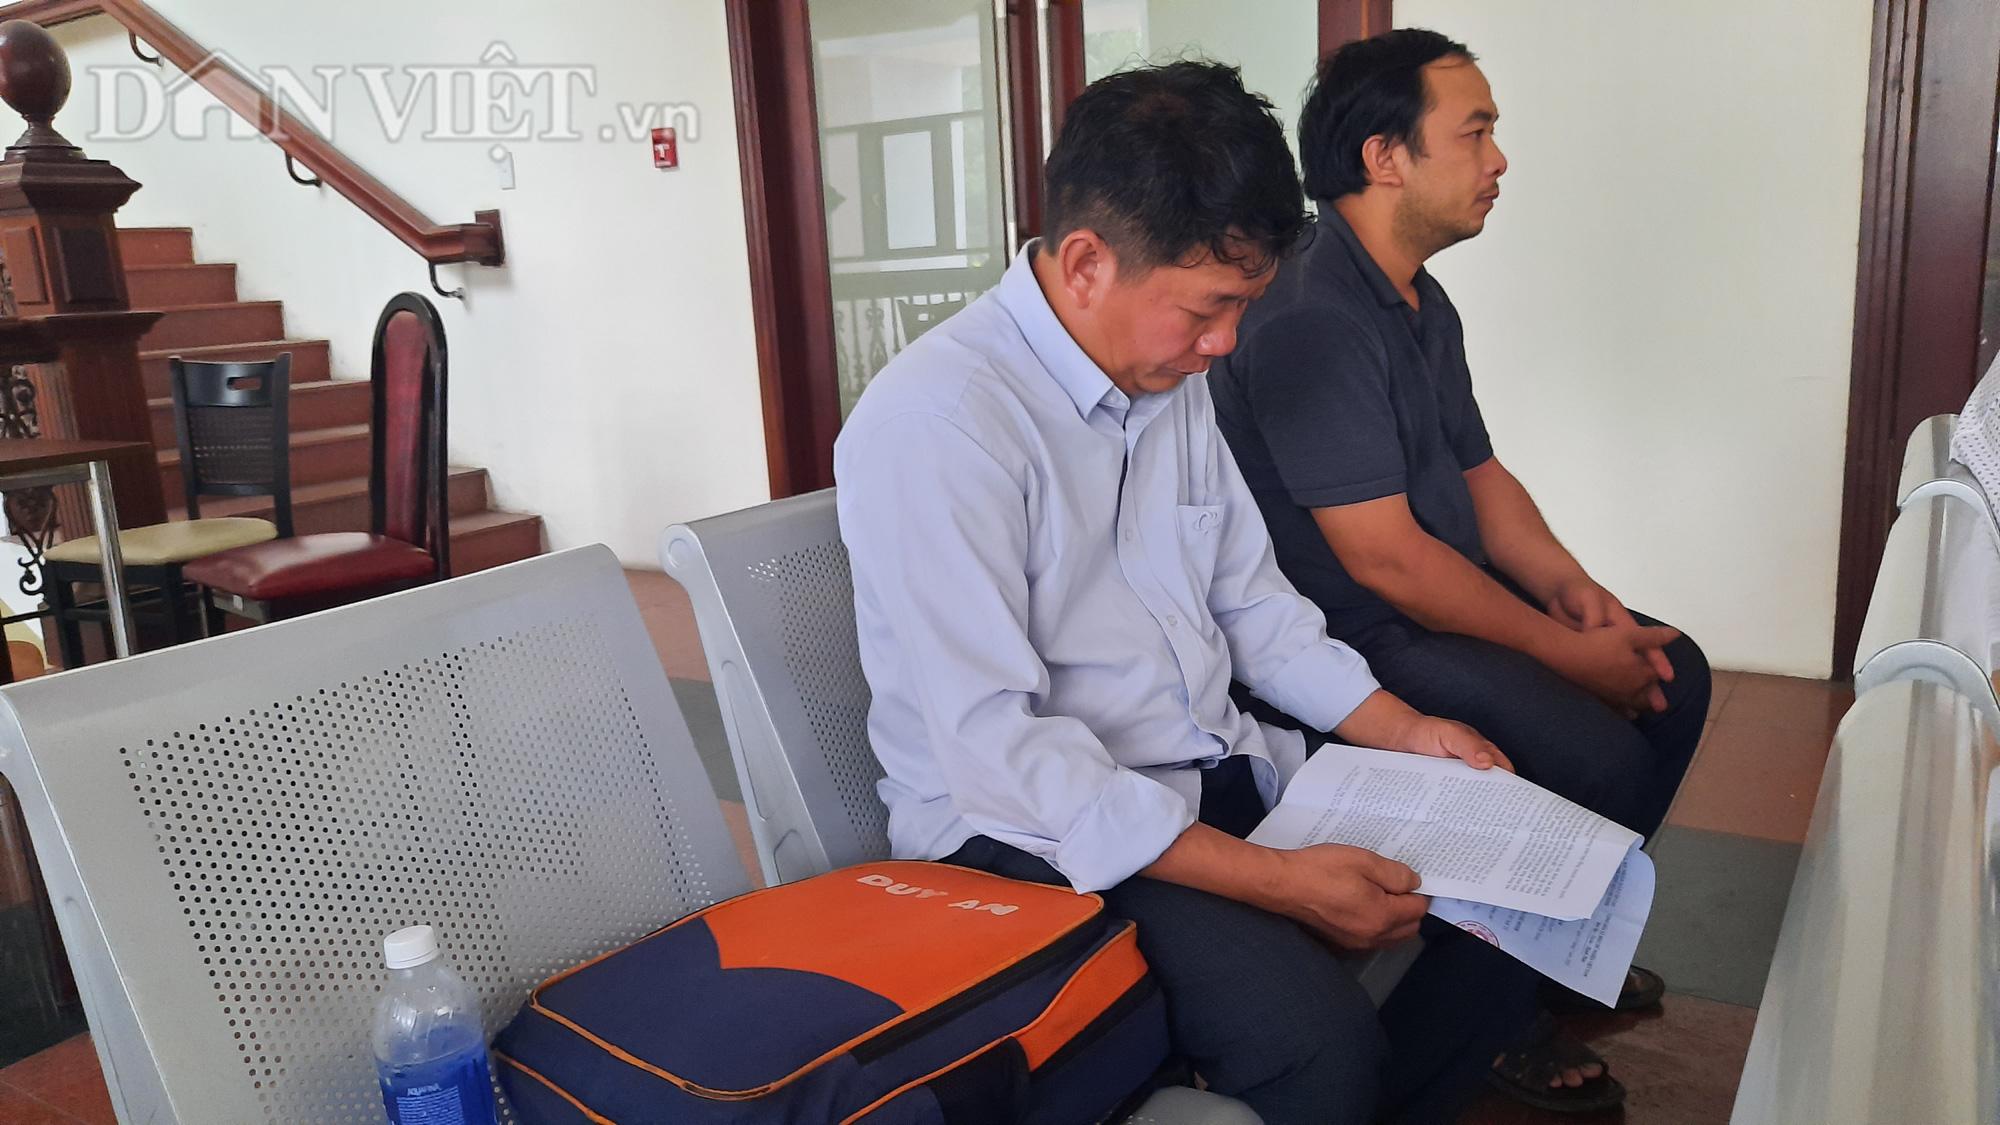 Vụ định nhảy lầu tự tử tại TAND TP.HCM: Quyết định của phiên giám đốc thẩm hợp tình, hợp lý - Ảnh 4.